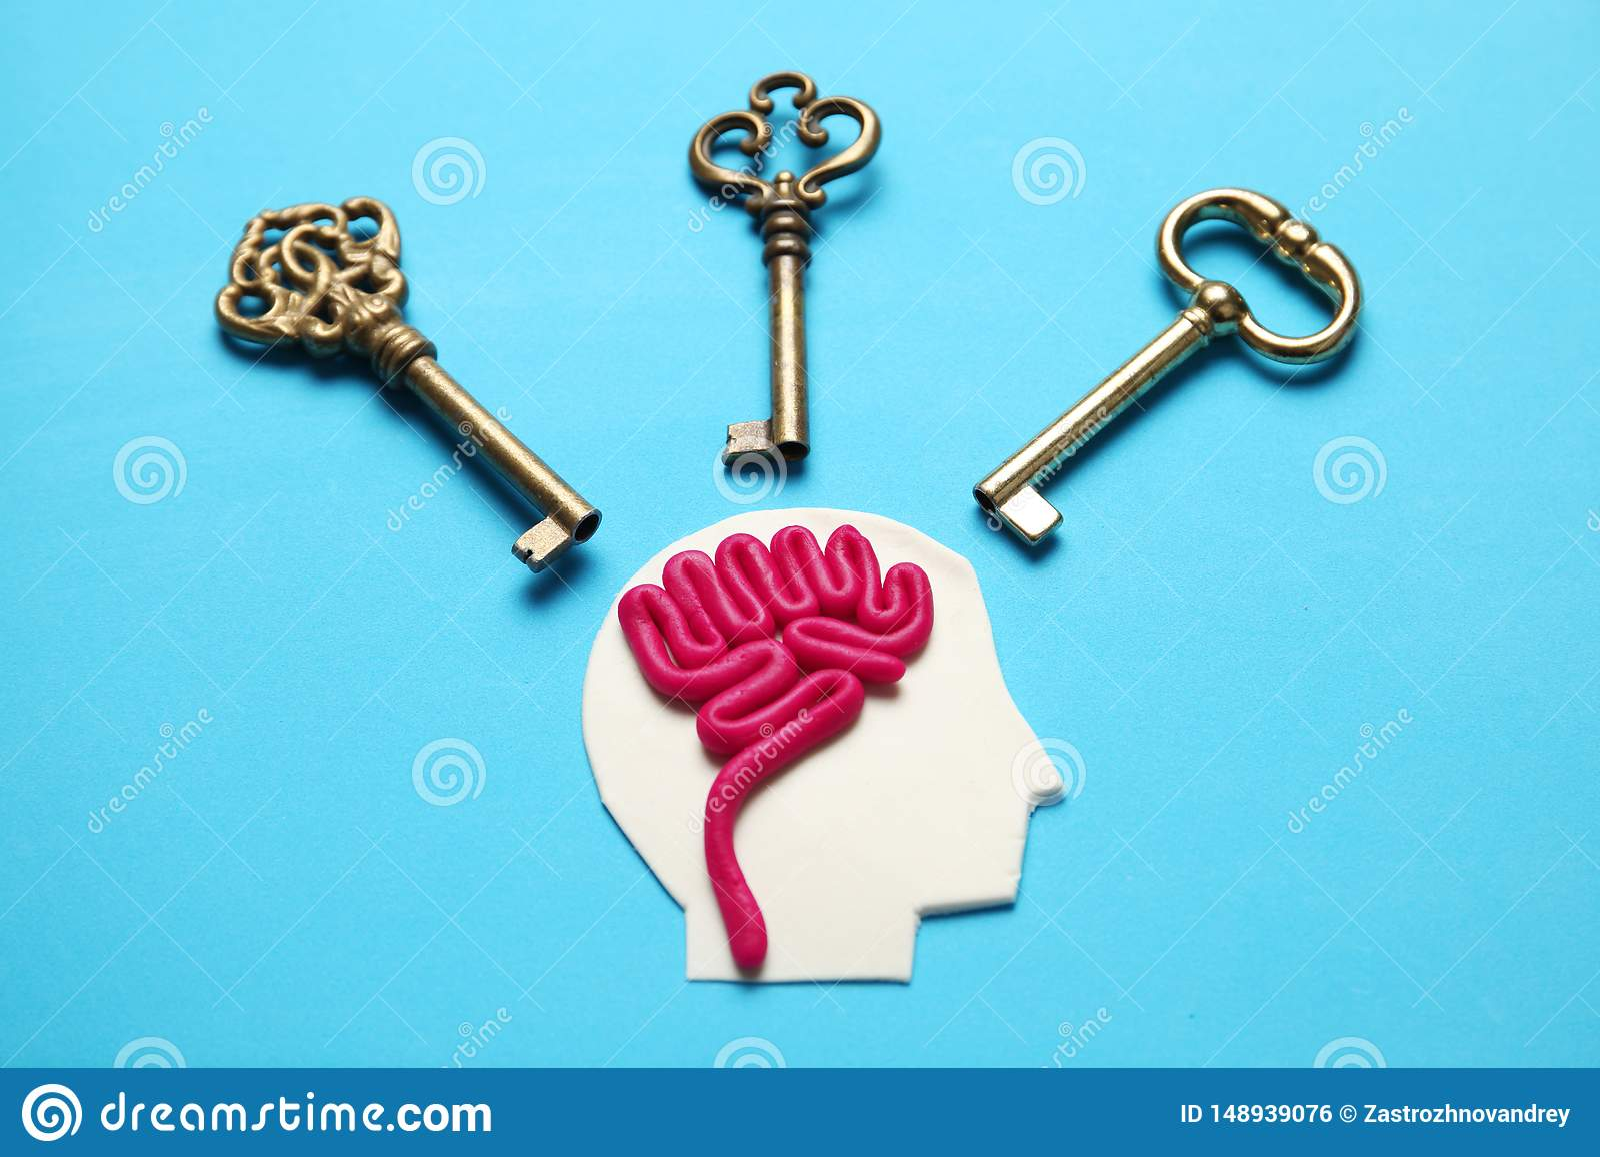 Диаграмма человека и 3 ключей Коммерческие задачи и решение